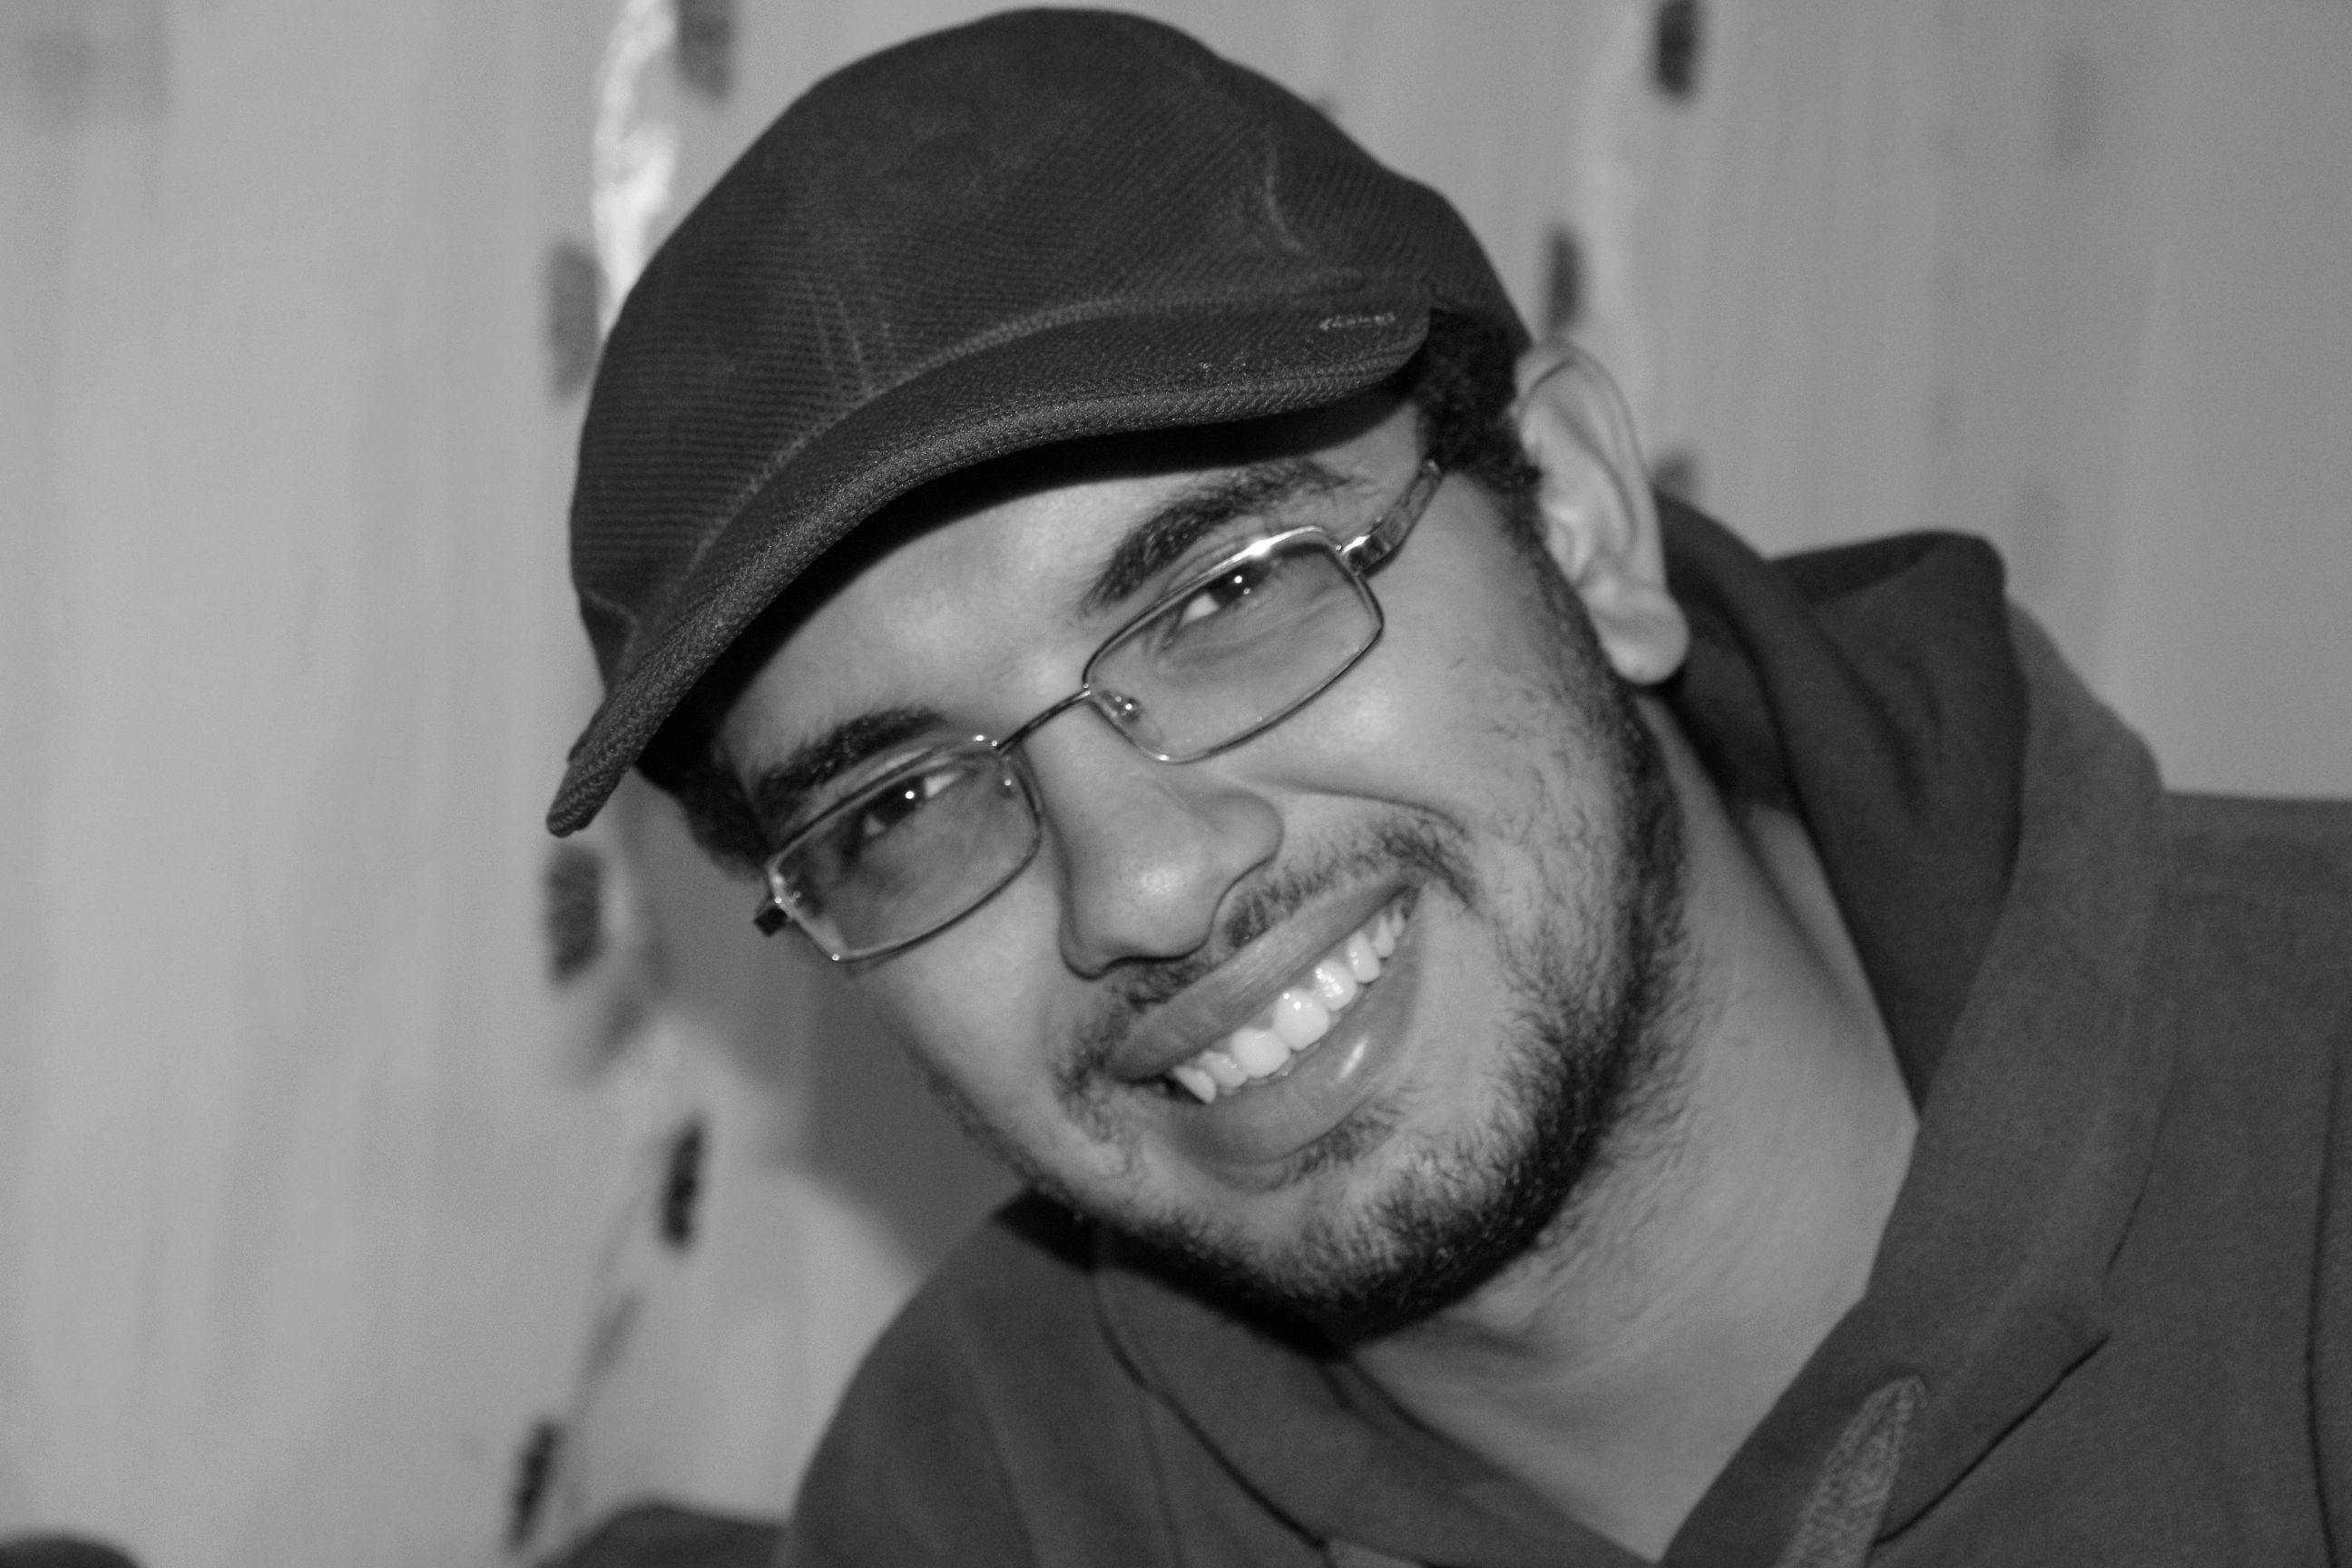 حسين السيد أبوحسين Headshot